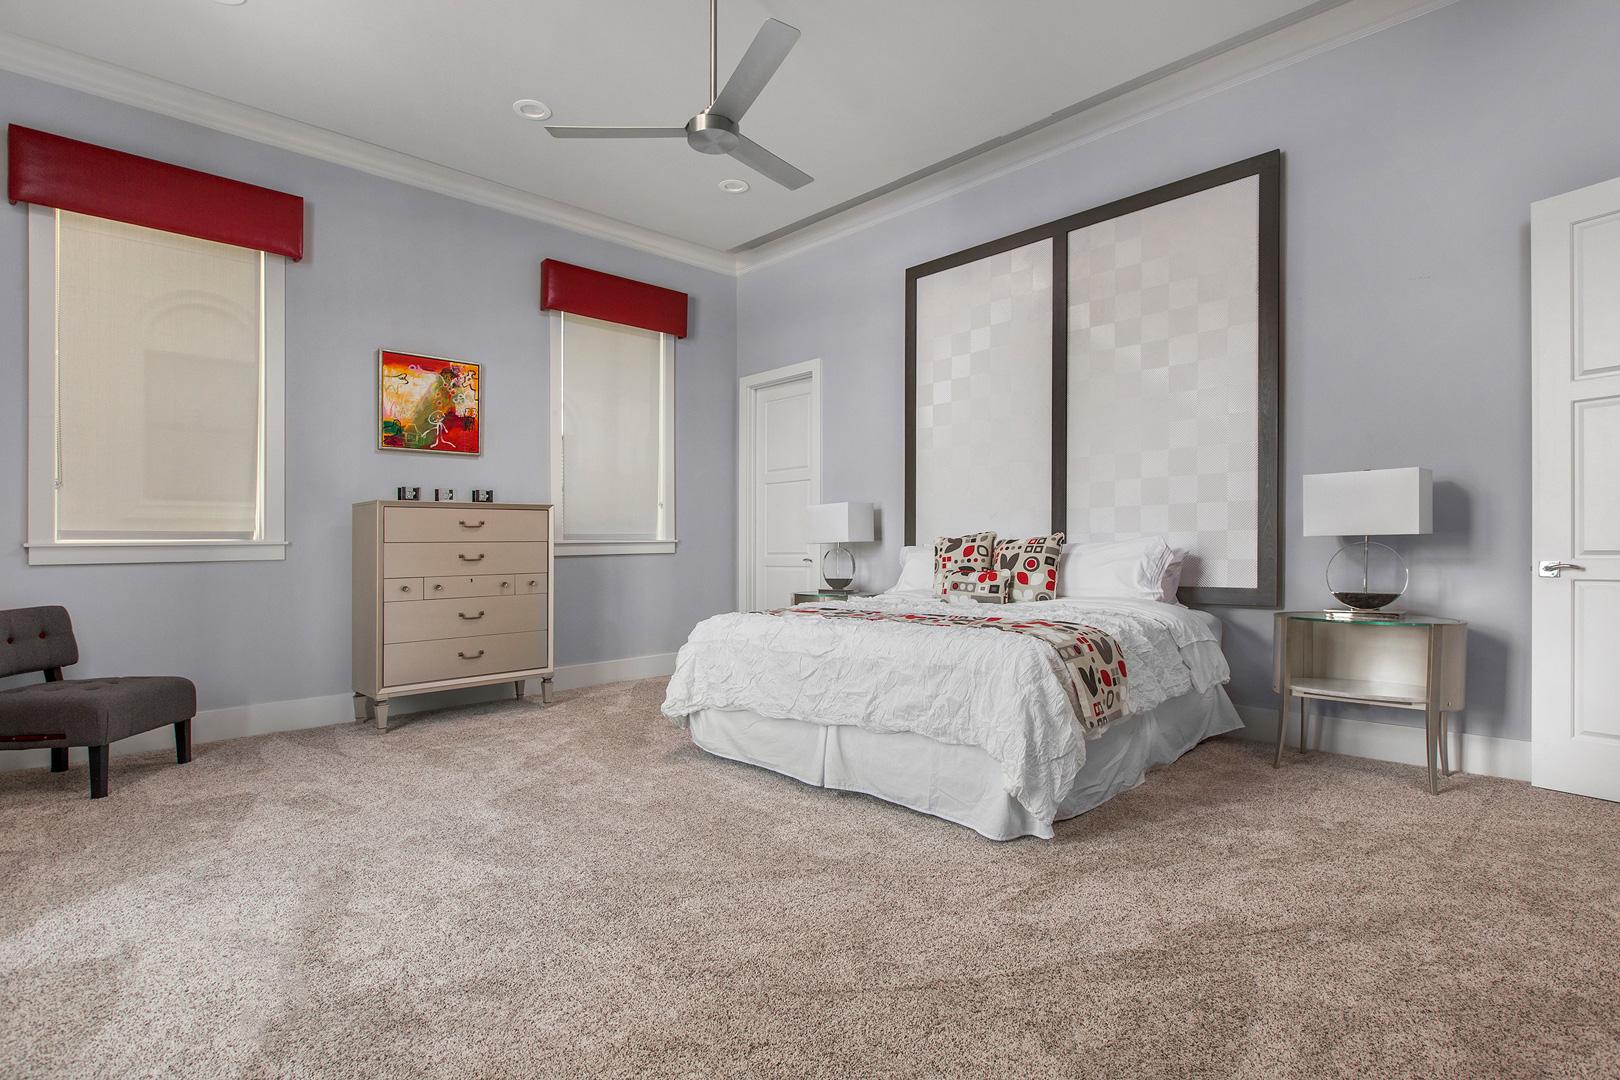 Bedrooms42